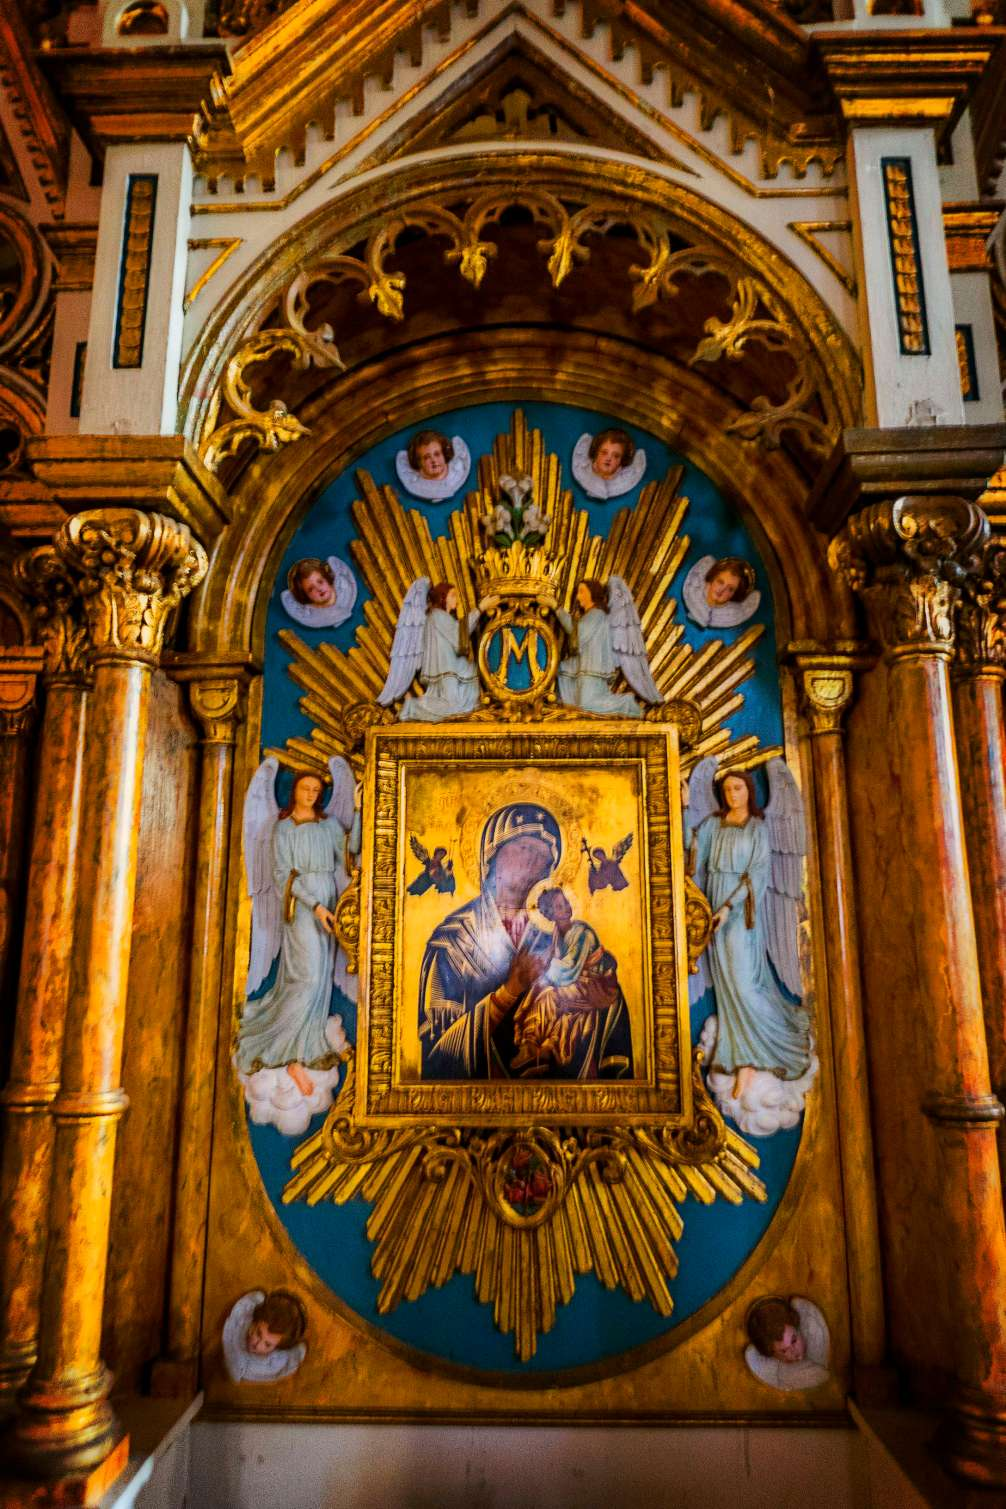 St. Mary's assumption Church